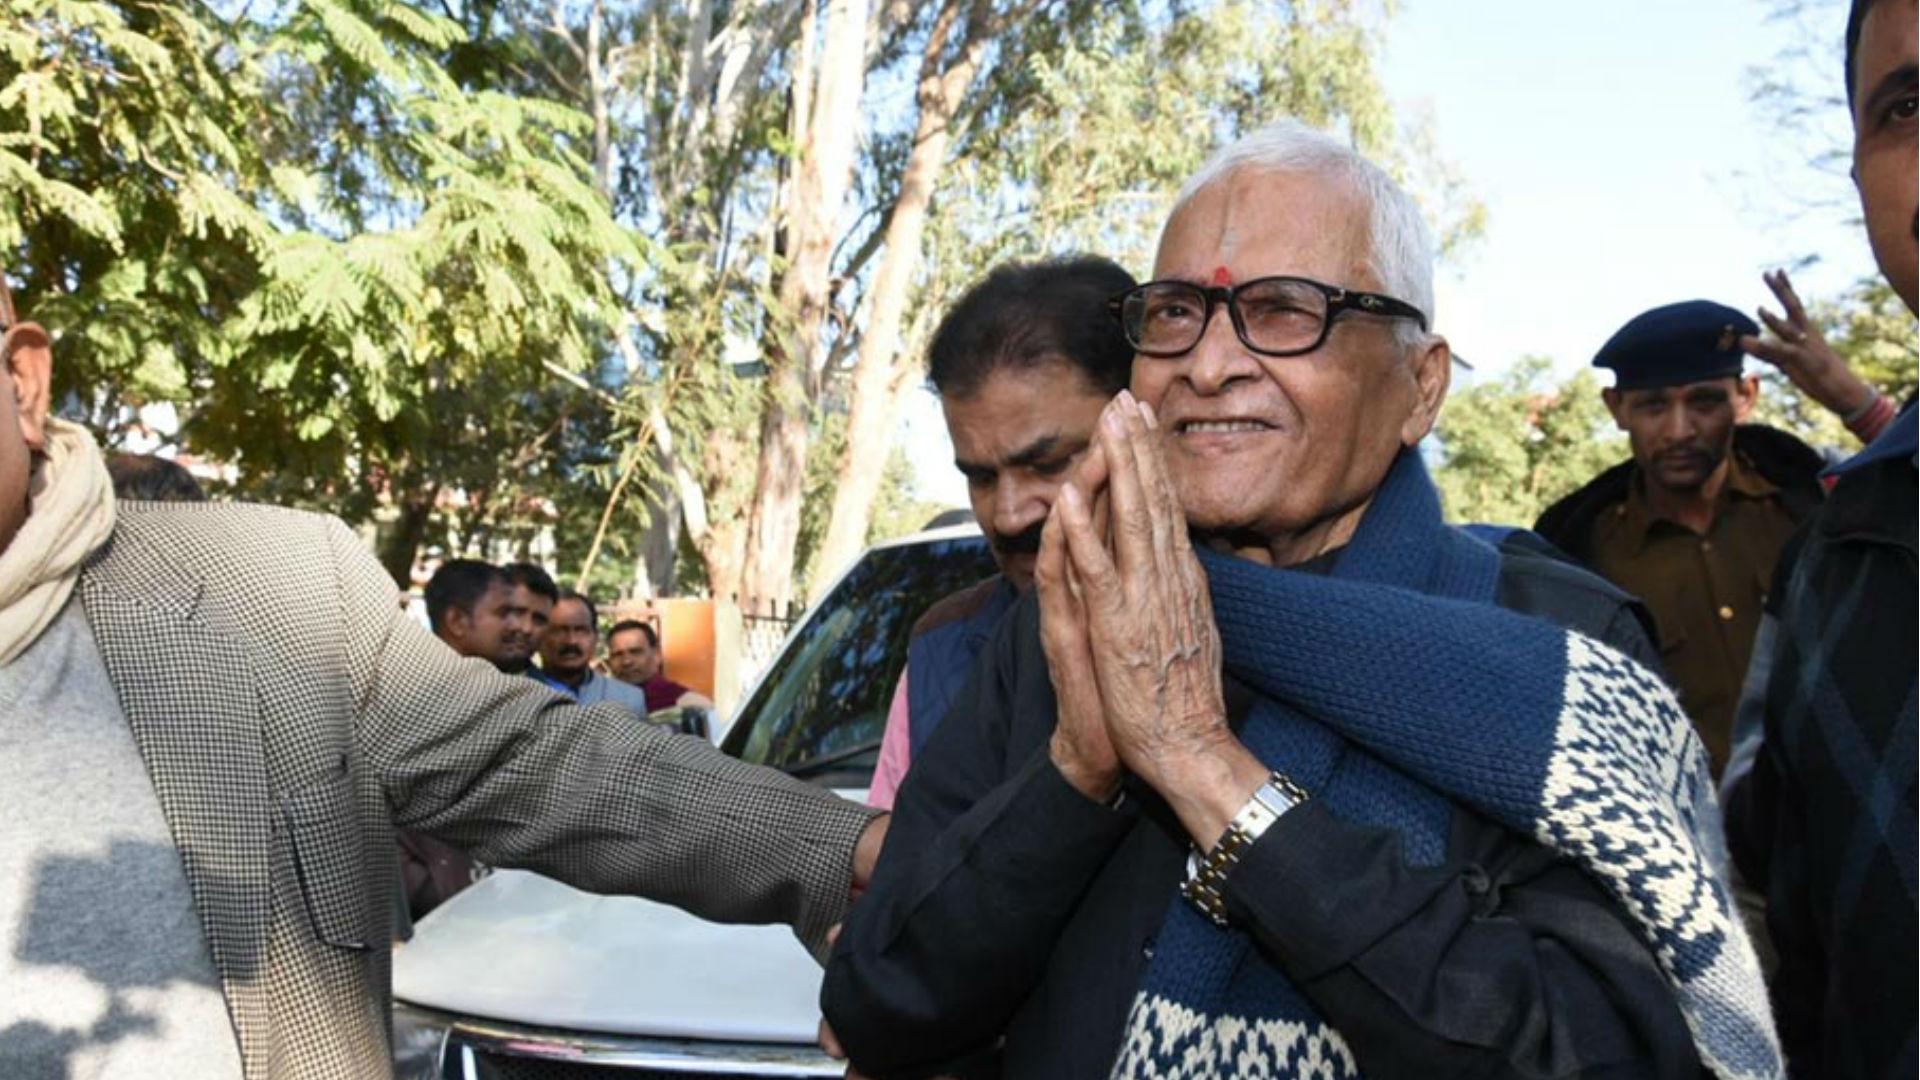 बिहार के 3 बार मुख्यमंत्री रहे JDU नेता जगन्नाथ मिश्रा का निधन, जानिए उन्हें क्यों कहा जाता था मौलाना?